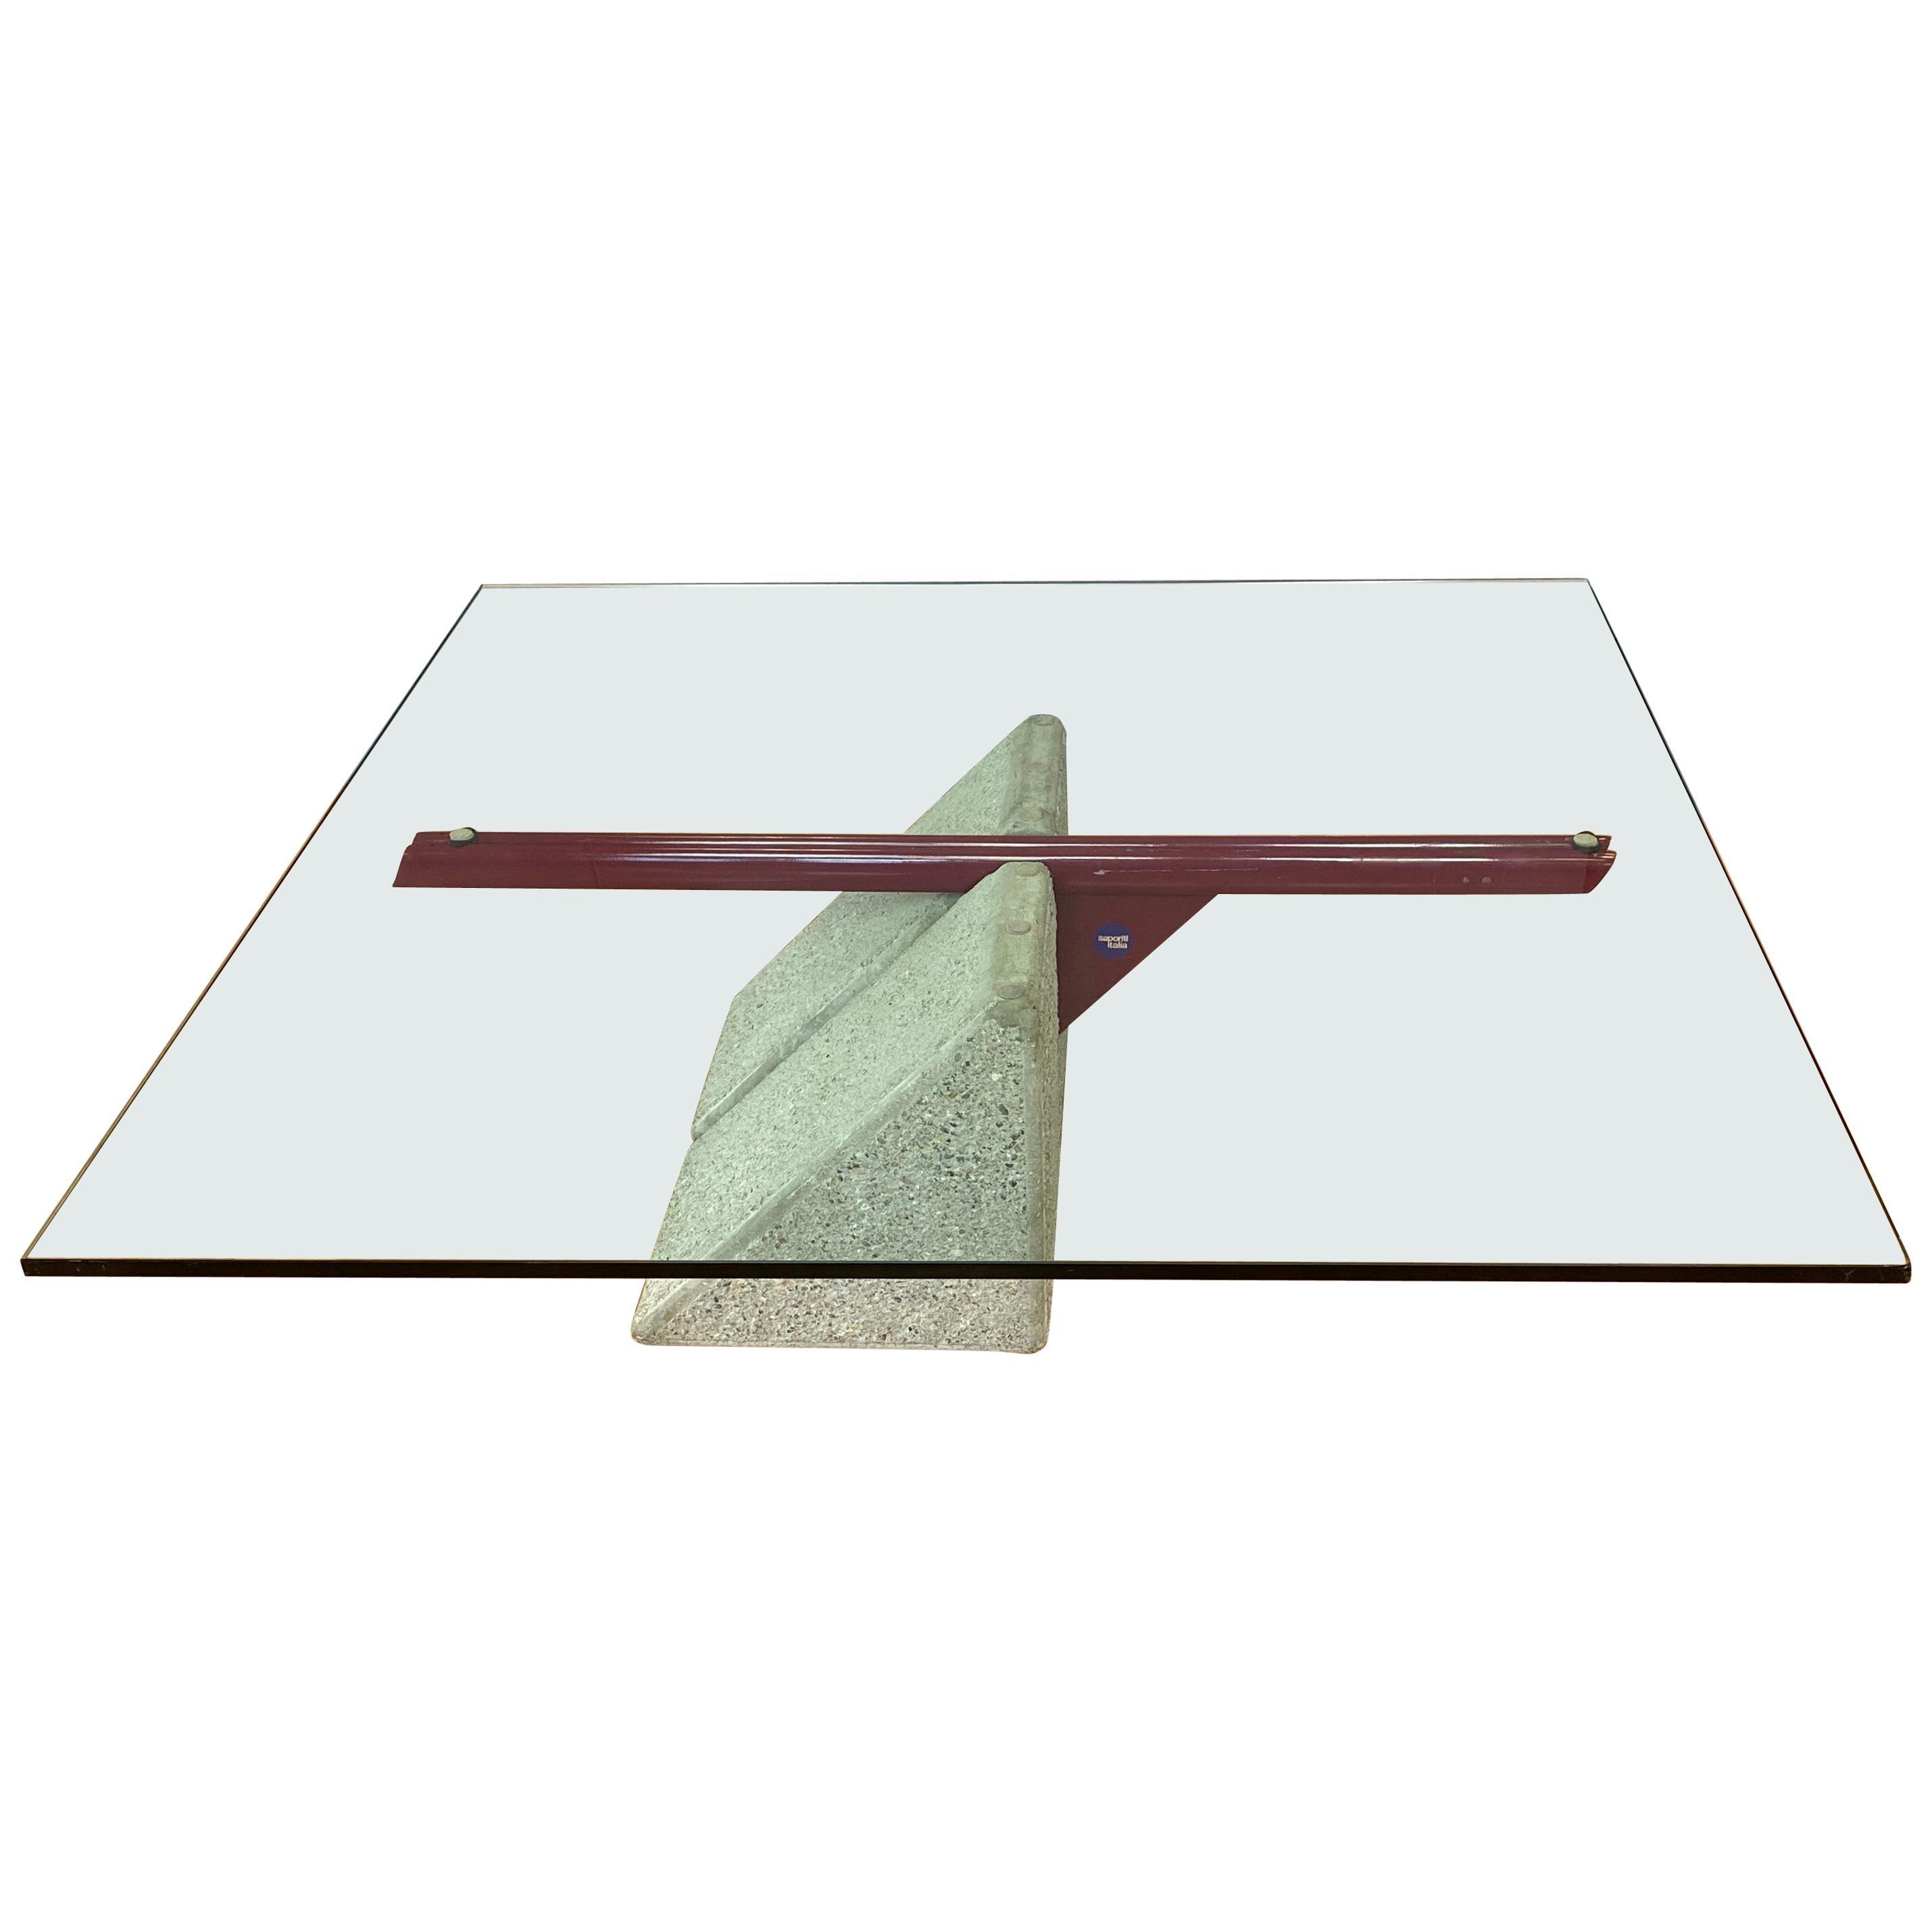 Giovanni Offredi designed Concrete Coffee Table for Saporiti Italia